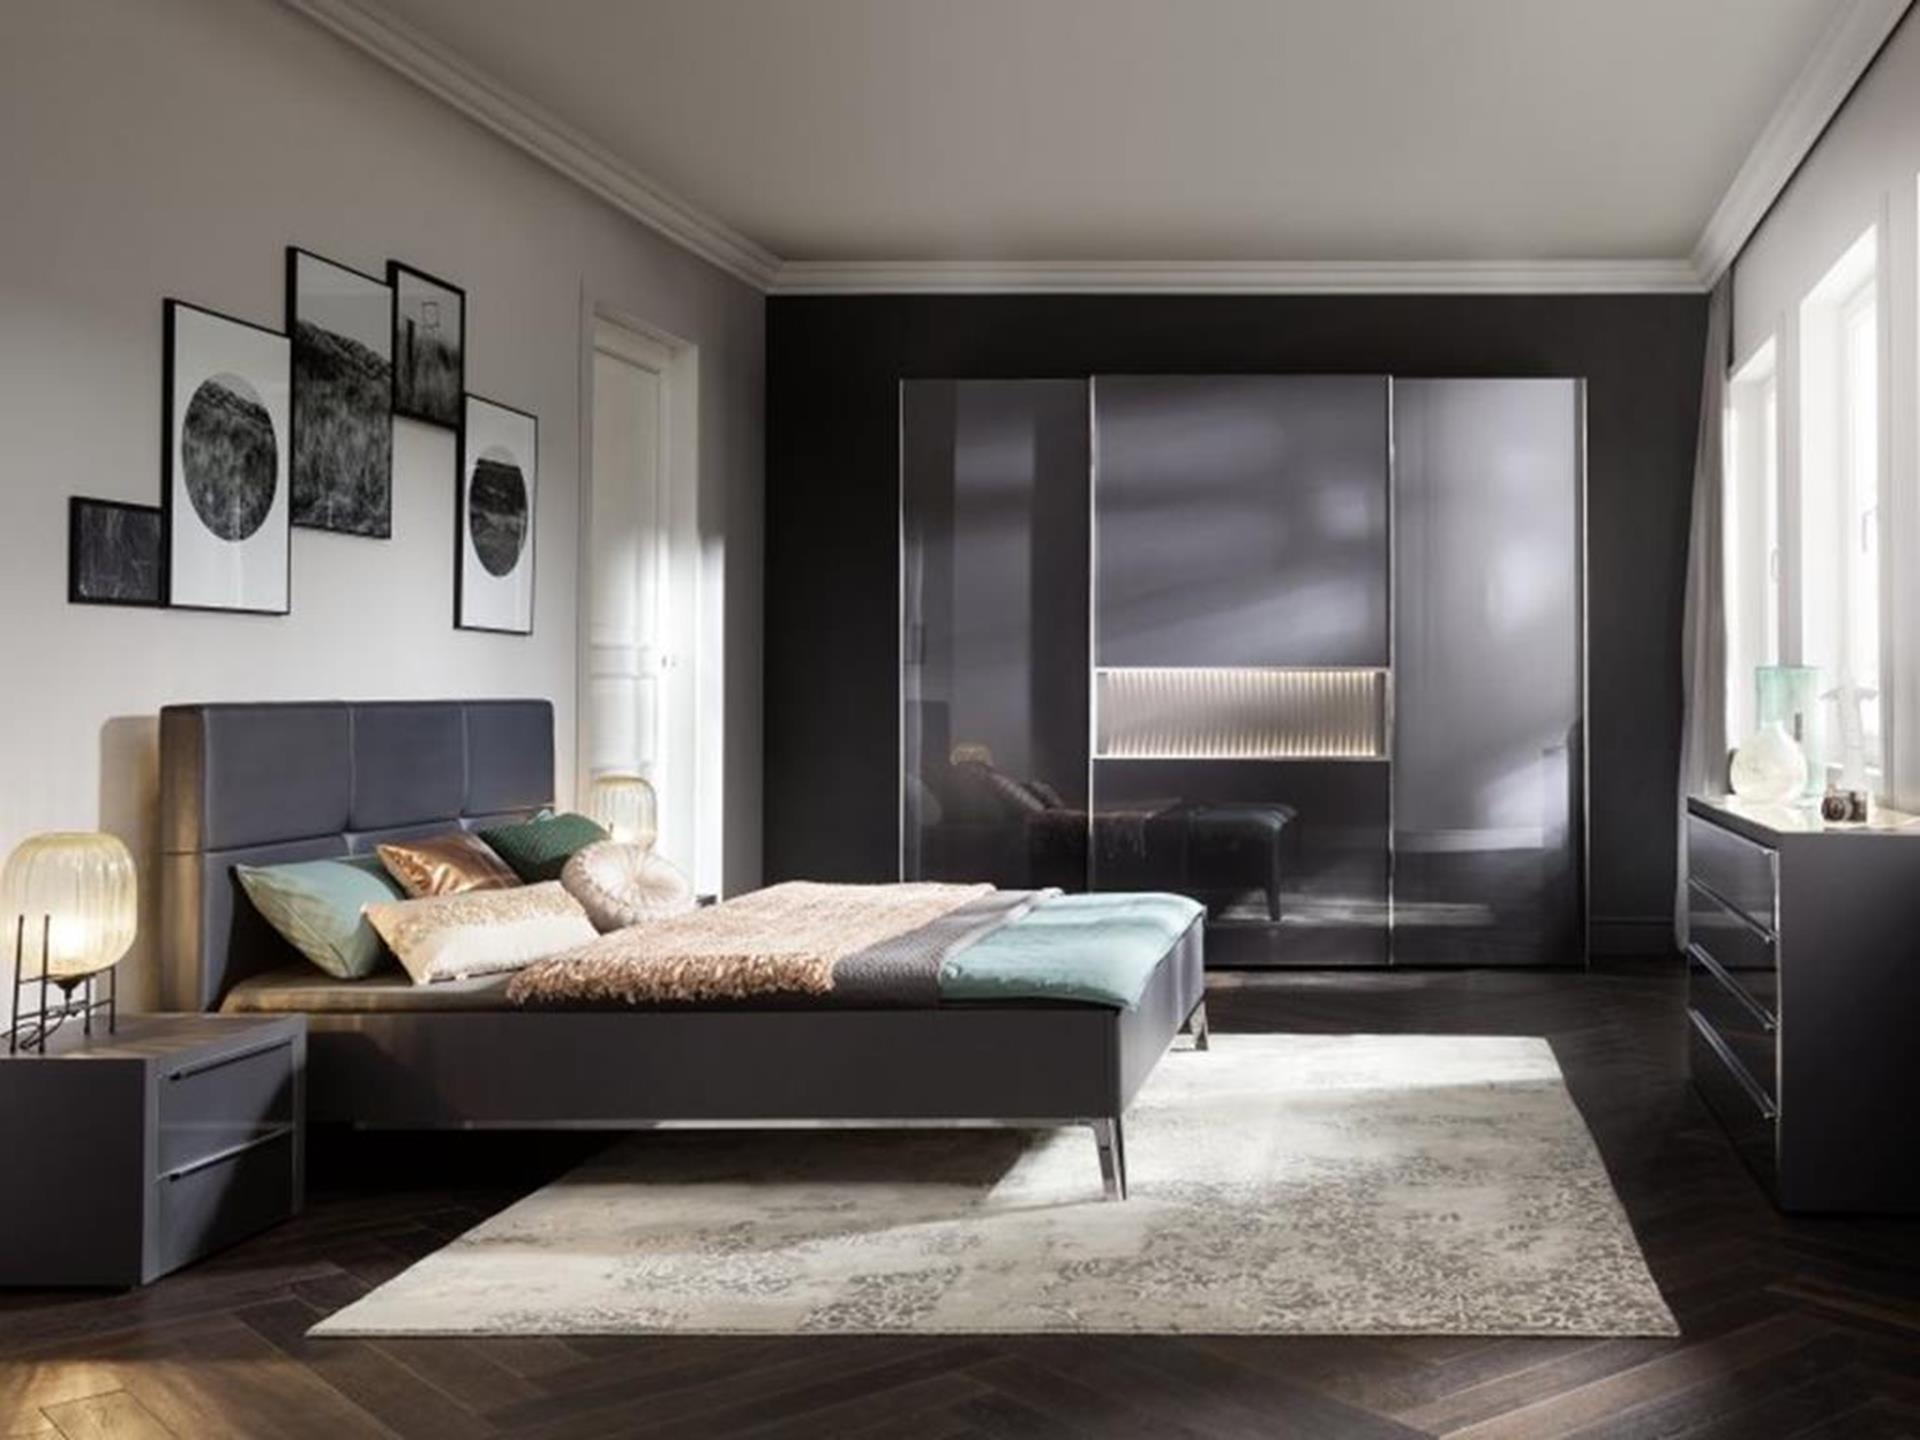 ekskluzywna sypialnia z łóżkiem i szafą firmy nolte